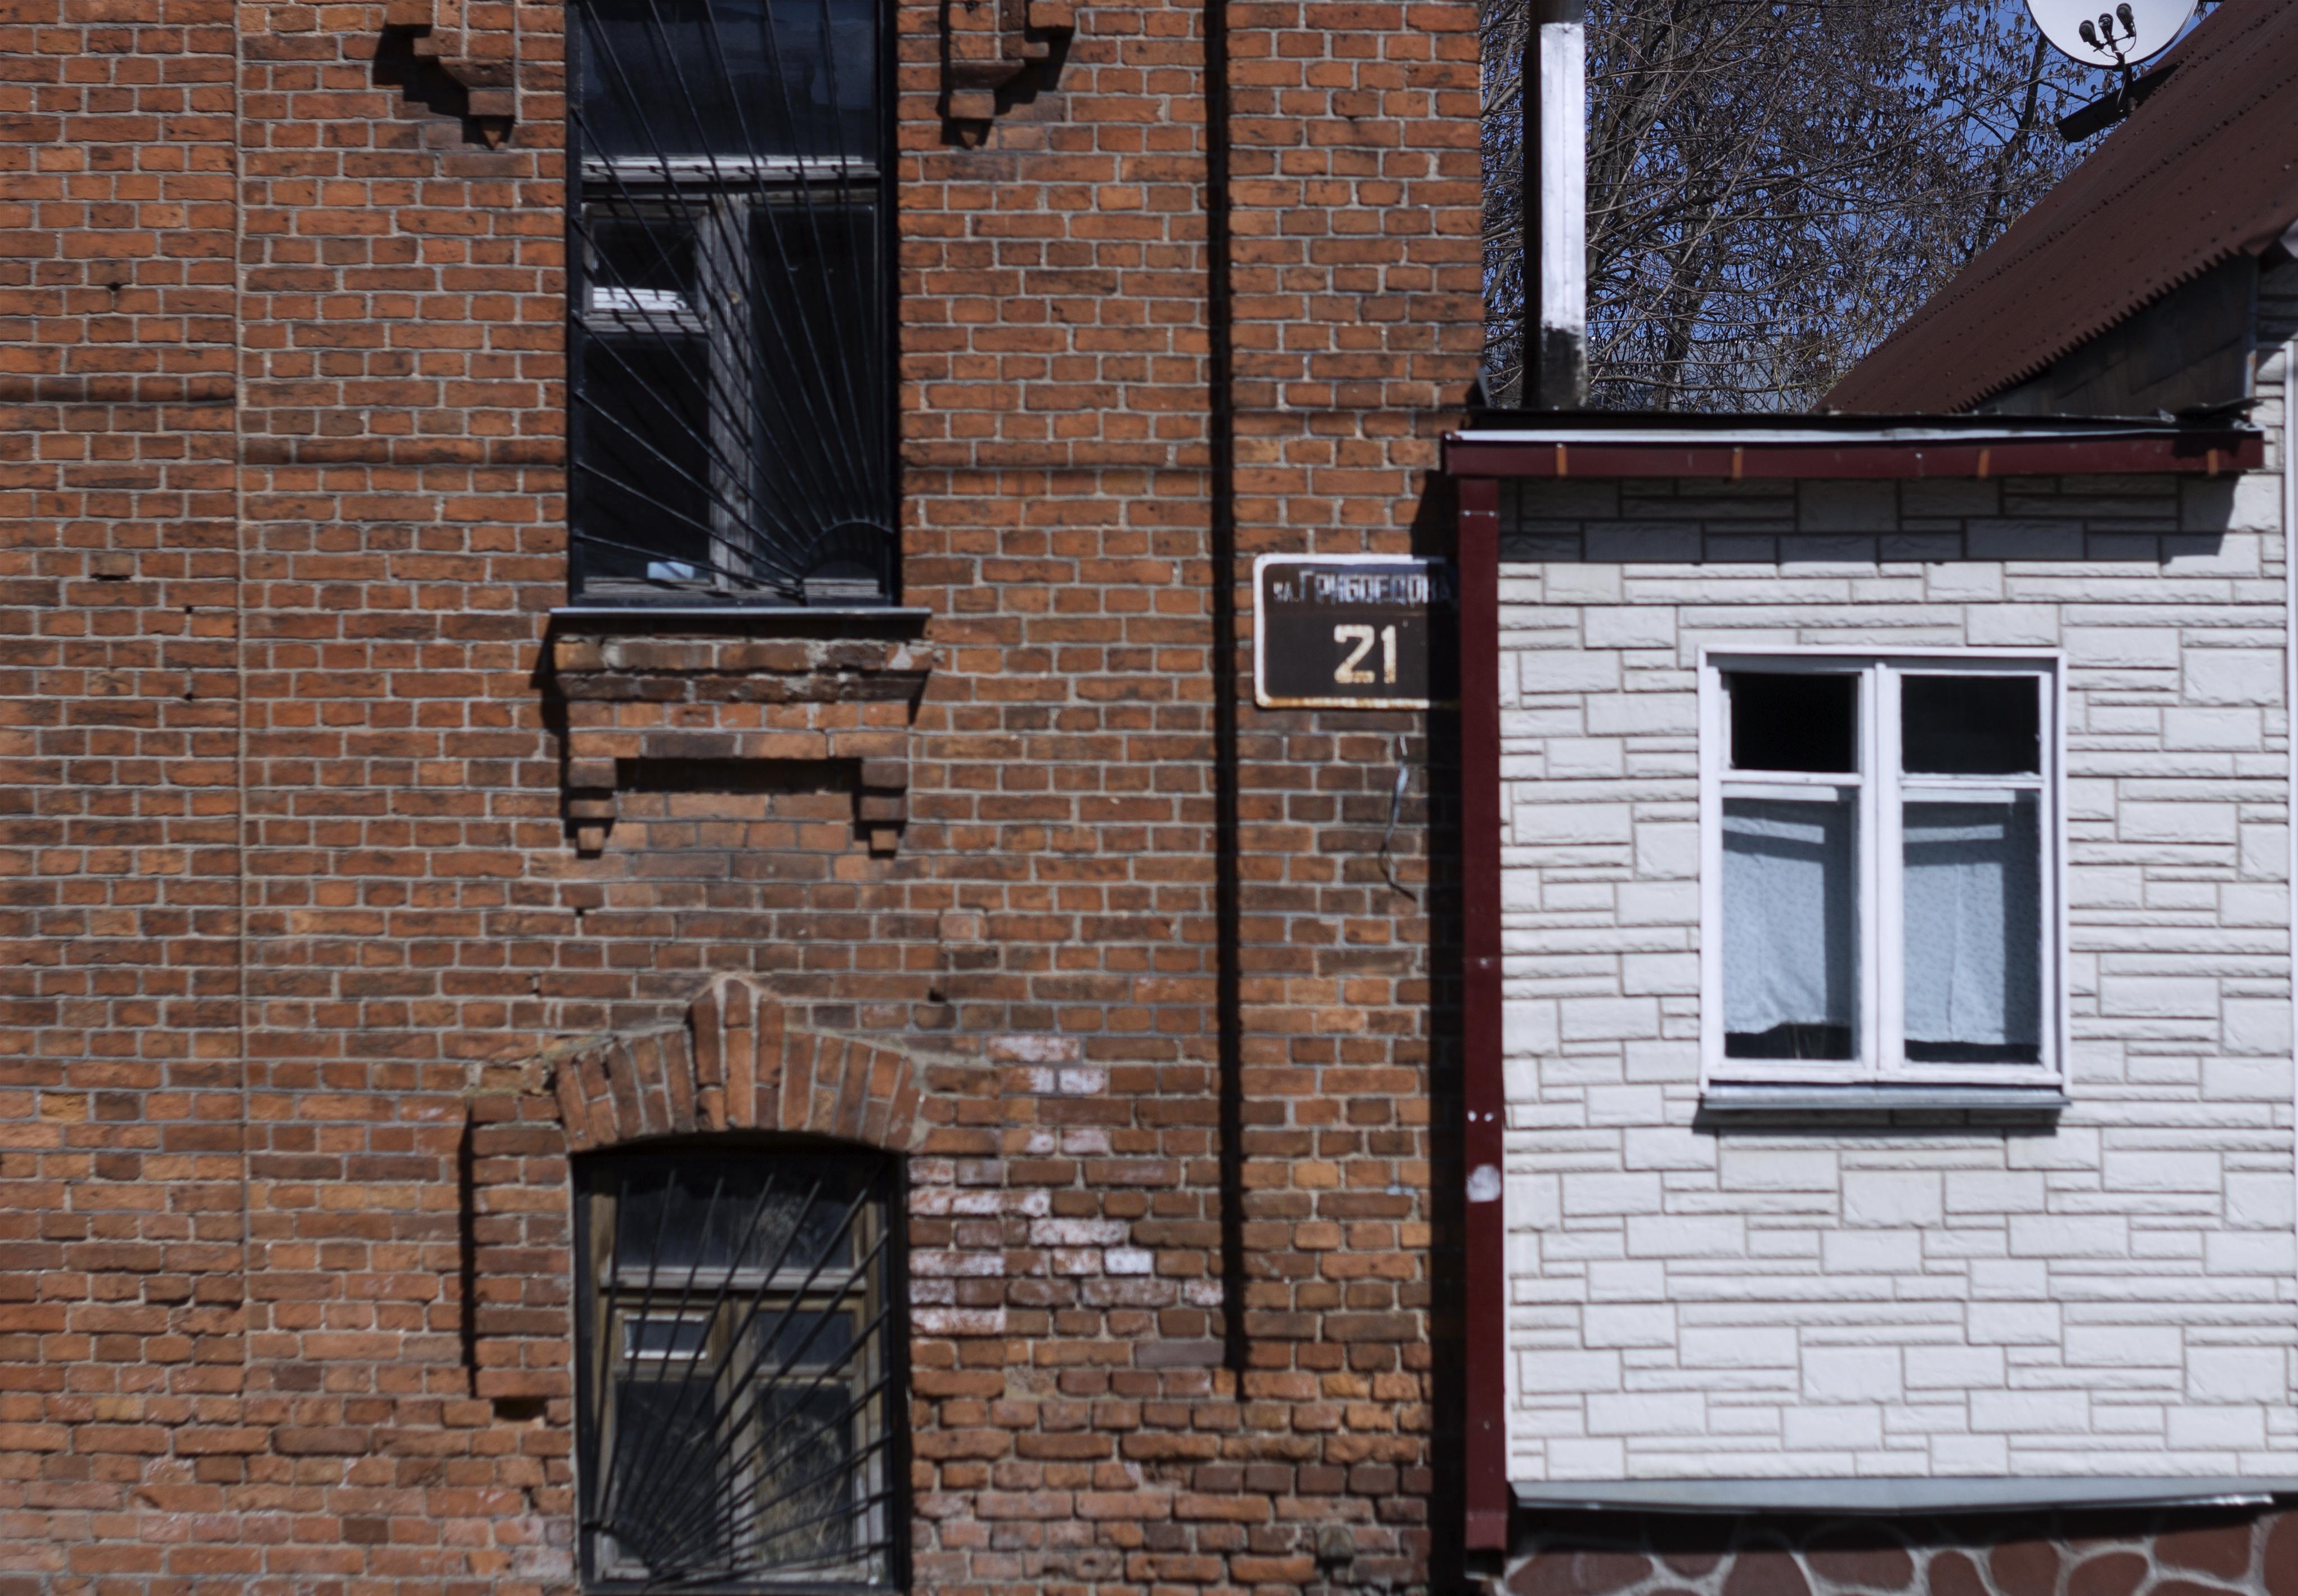 古い ビテブスク 窓 赤 レンガ シャガール ヨーロッパ レンガ造り プロパティ 家 壁 建物 ファサード 自宅 ご